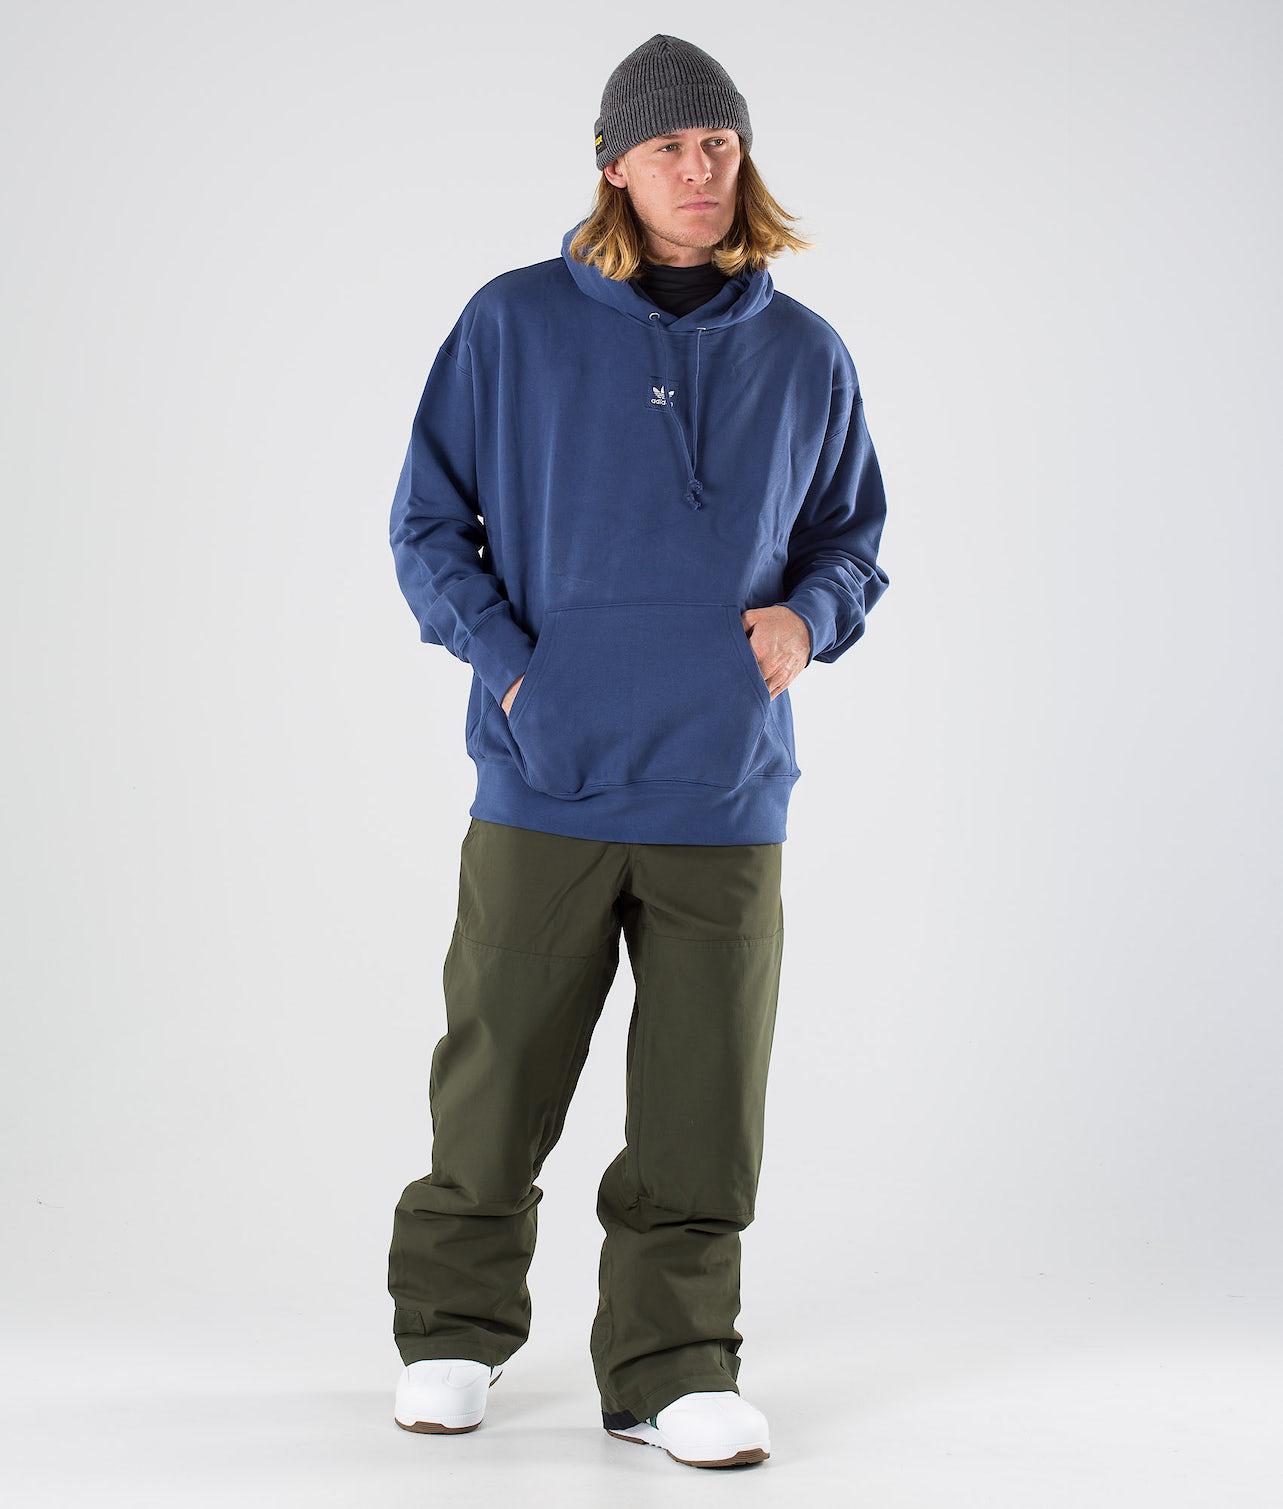 Kjøp Team Hood fra Adidas Skateboarding på Ridestore.no - Hos oss har du alltid fri frakt, fri retur og 30 dagers åpent kjøp!